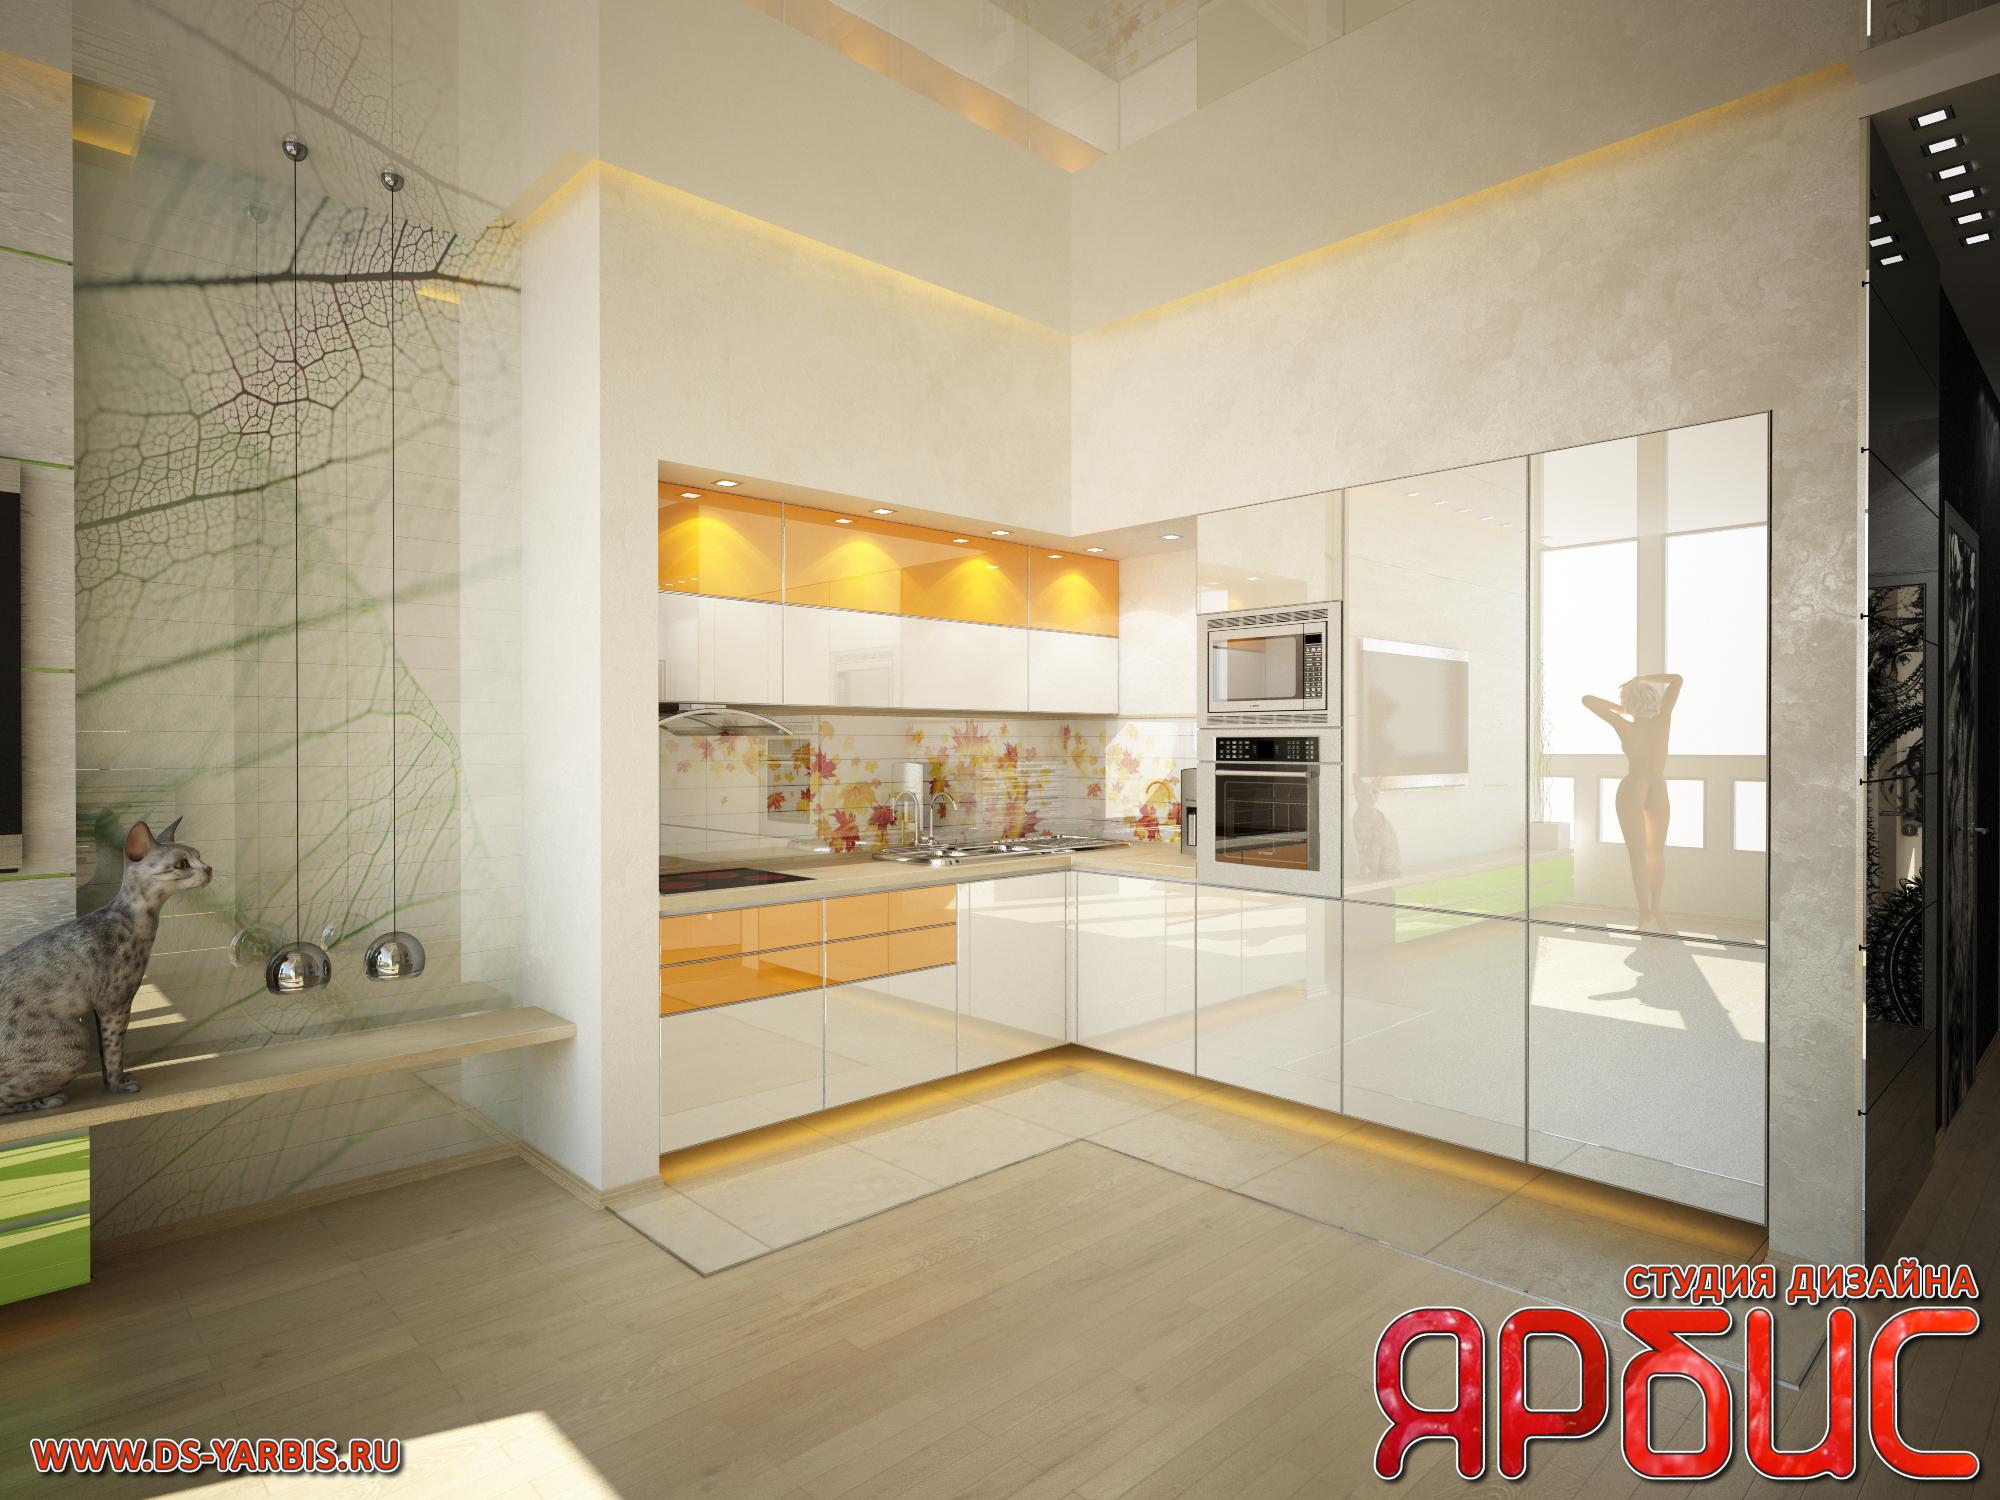 Дизайн-проект квартиры-студии в стиле минимализм